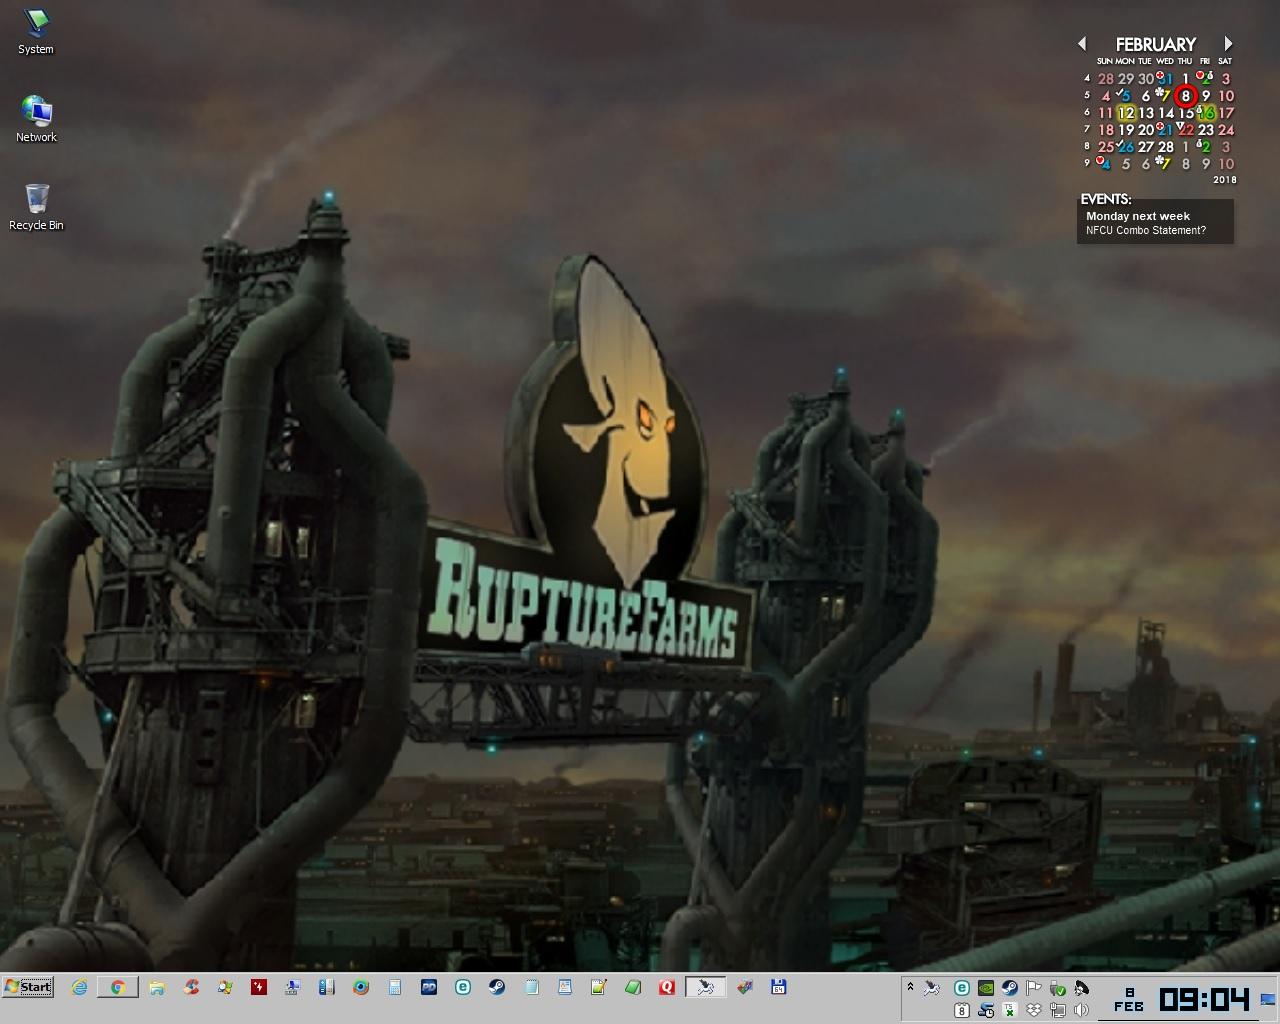 MyDesktop-201802.jpg